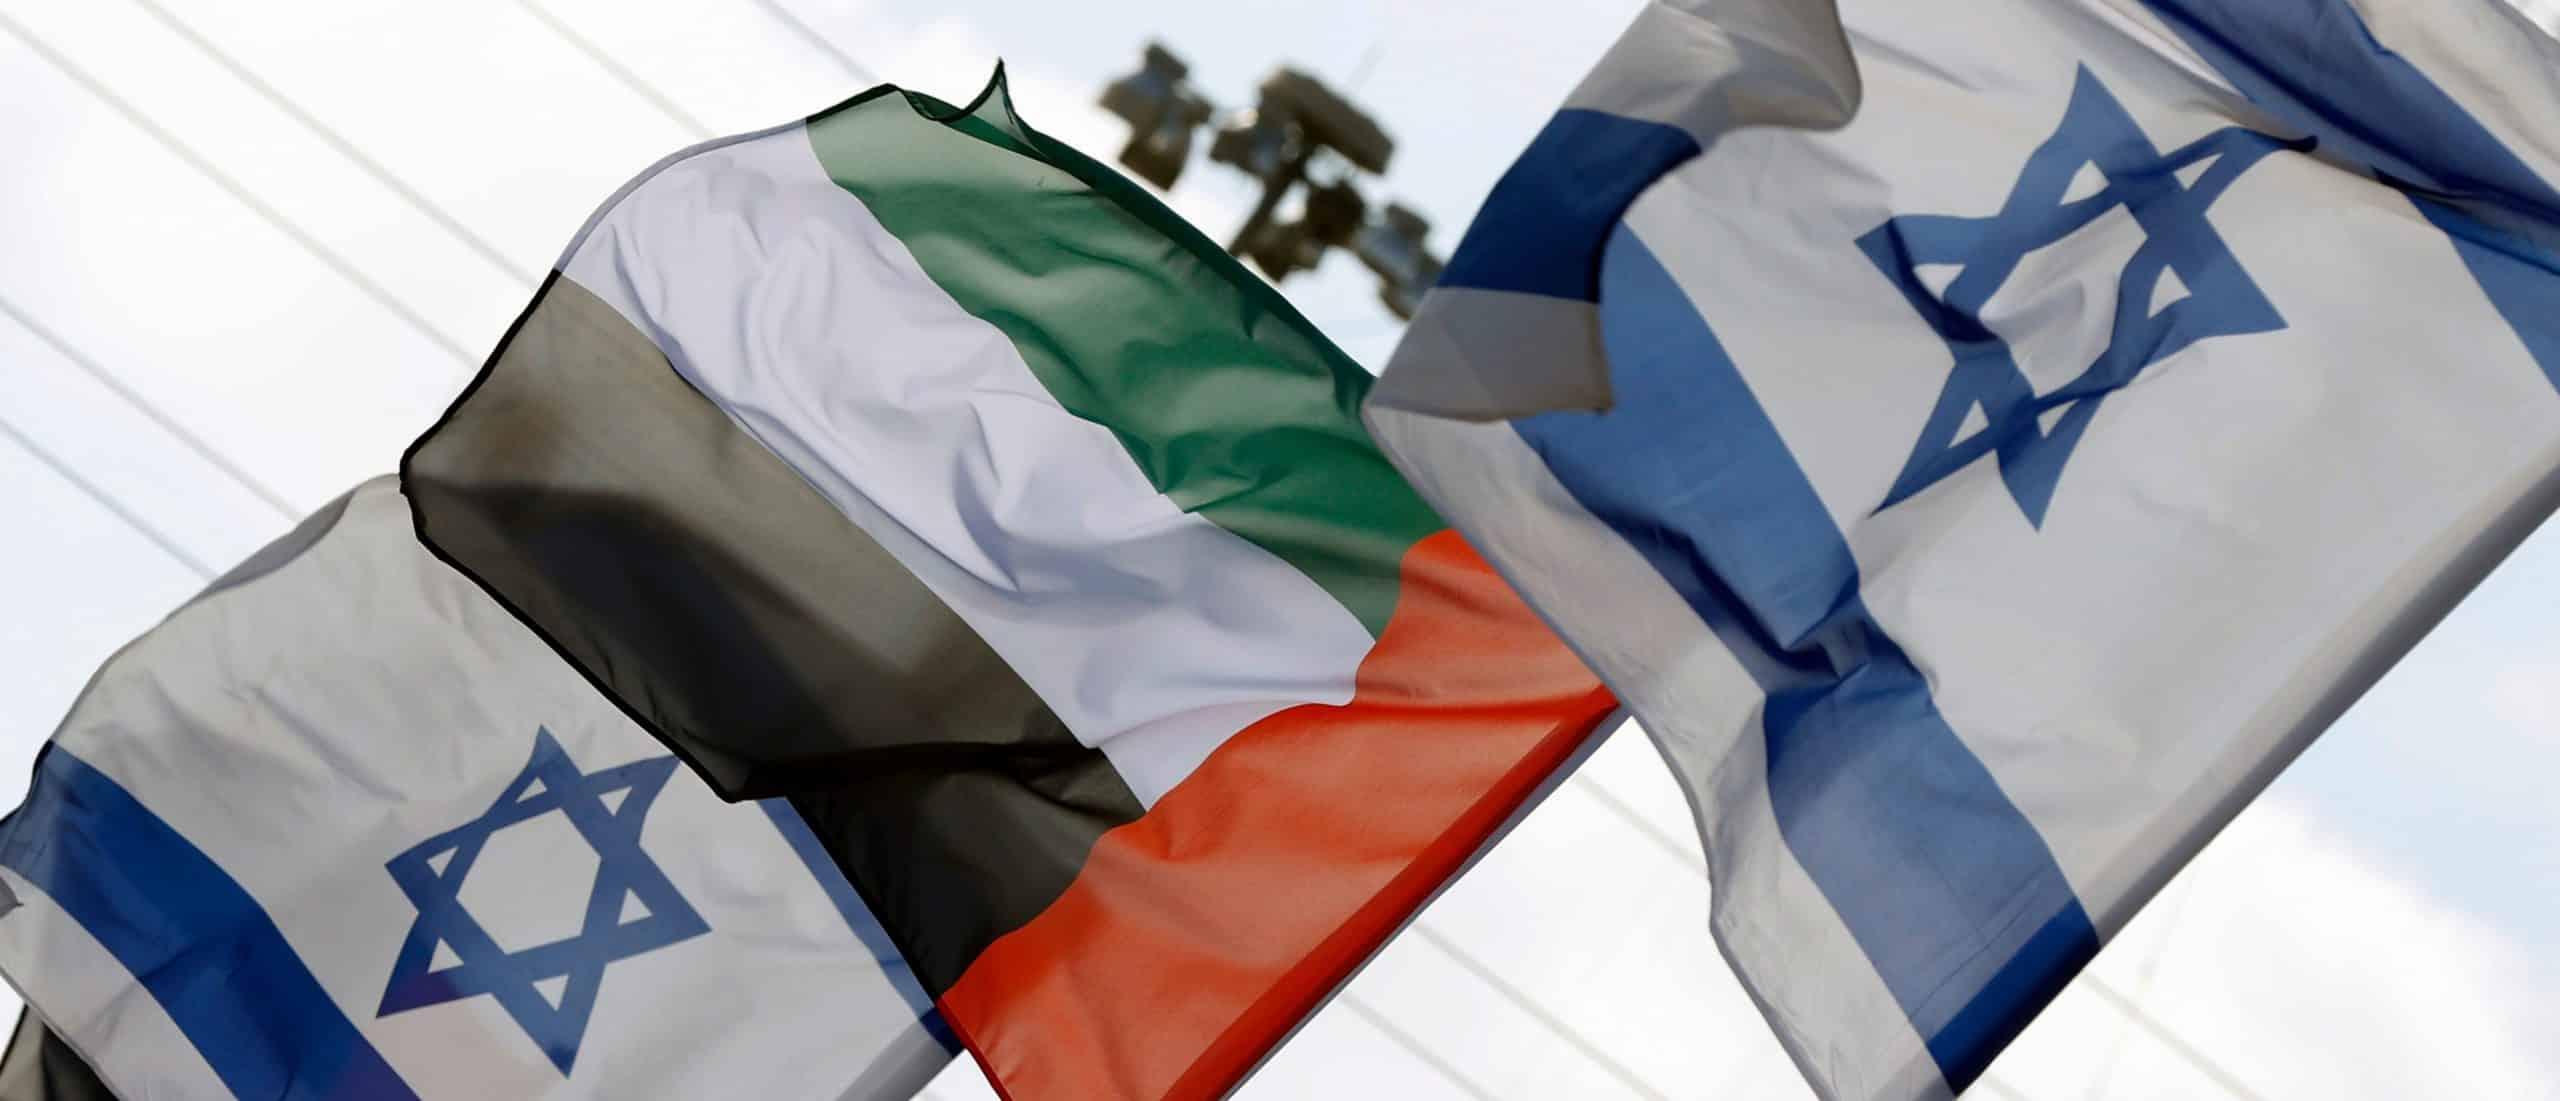 """بعد """"صفقة العار"""".. """"شاهد"""" مسؤول إماراتي يزور إسرائيل سرا والإعلام العبري يفضحه وينشر التفاصيل"""